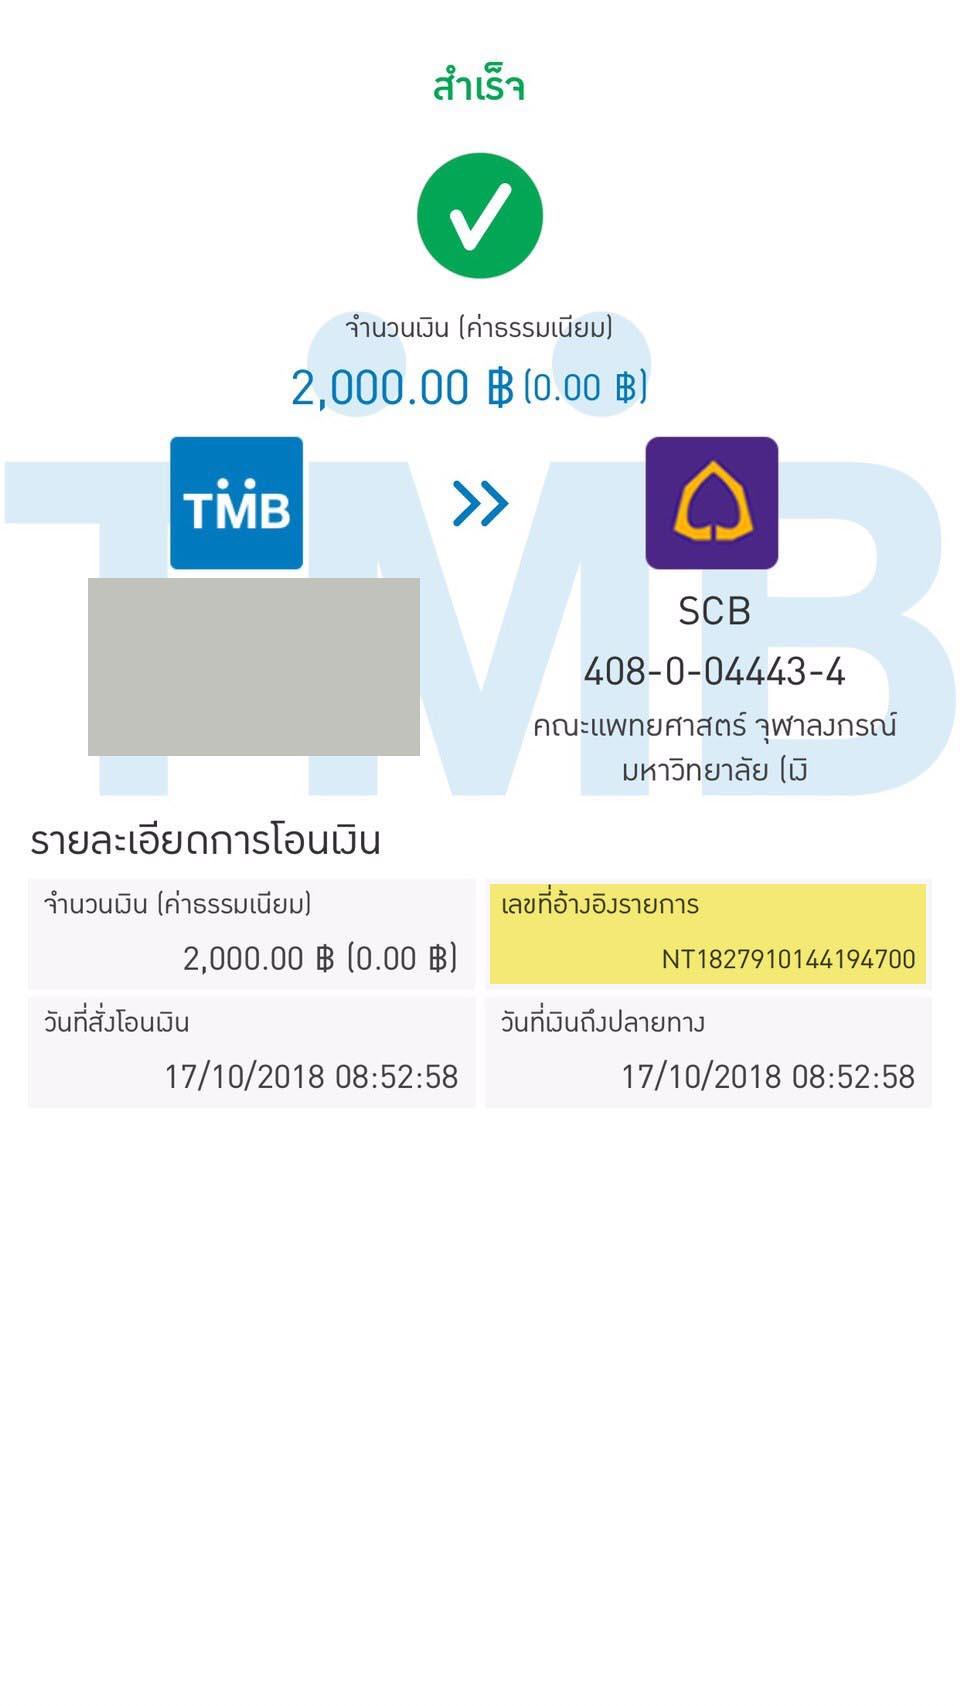 รหัสอ้างอิงธนาคารกรุงไทย